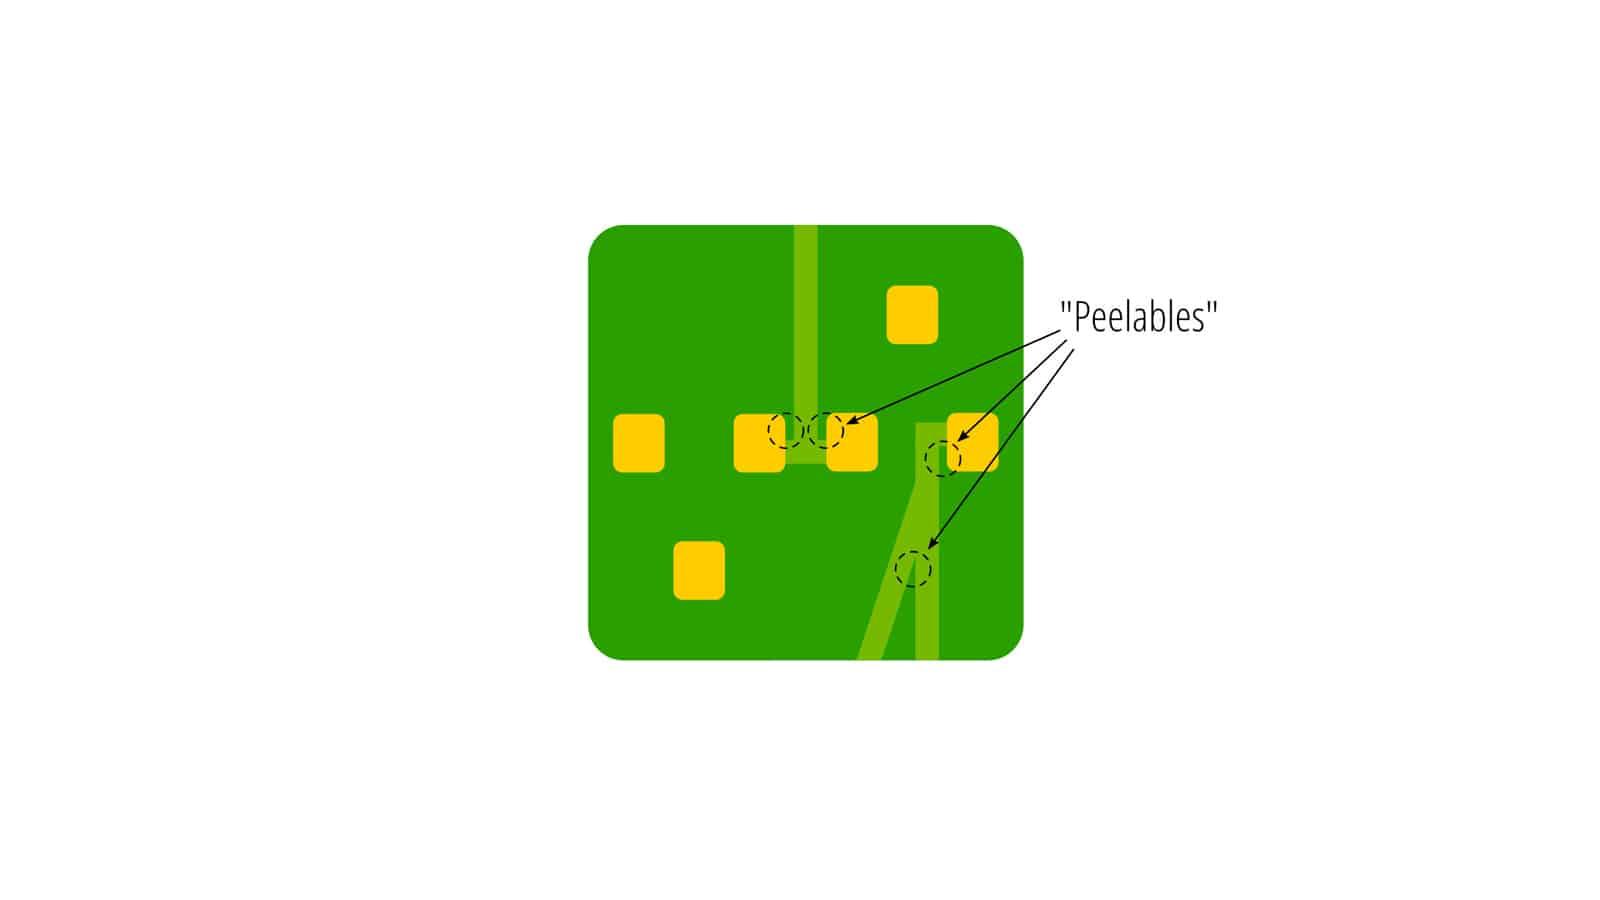 A12-peelables